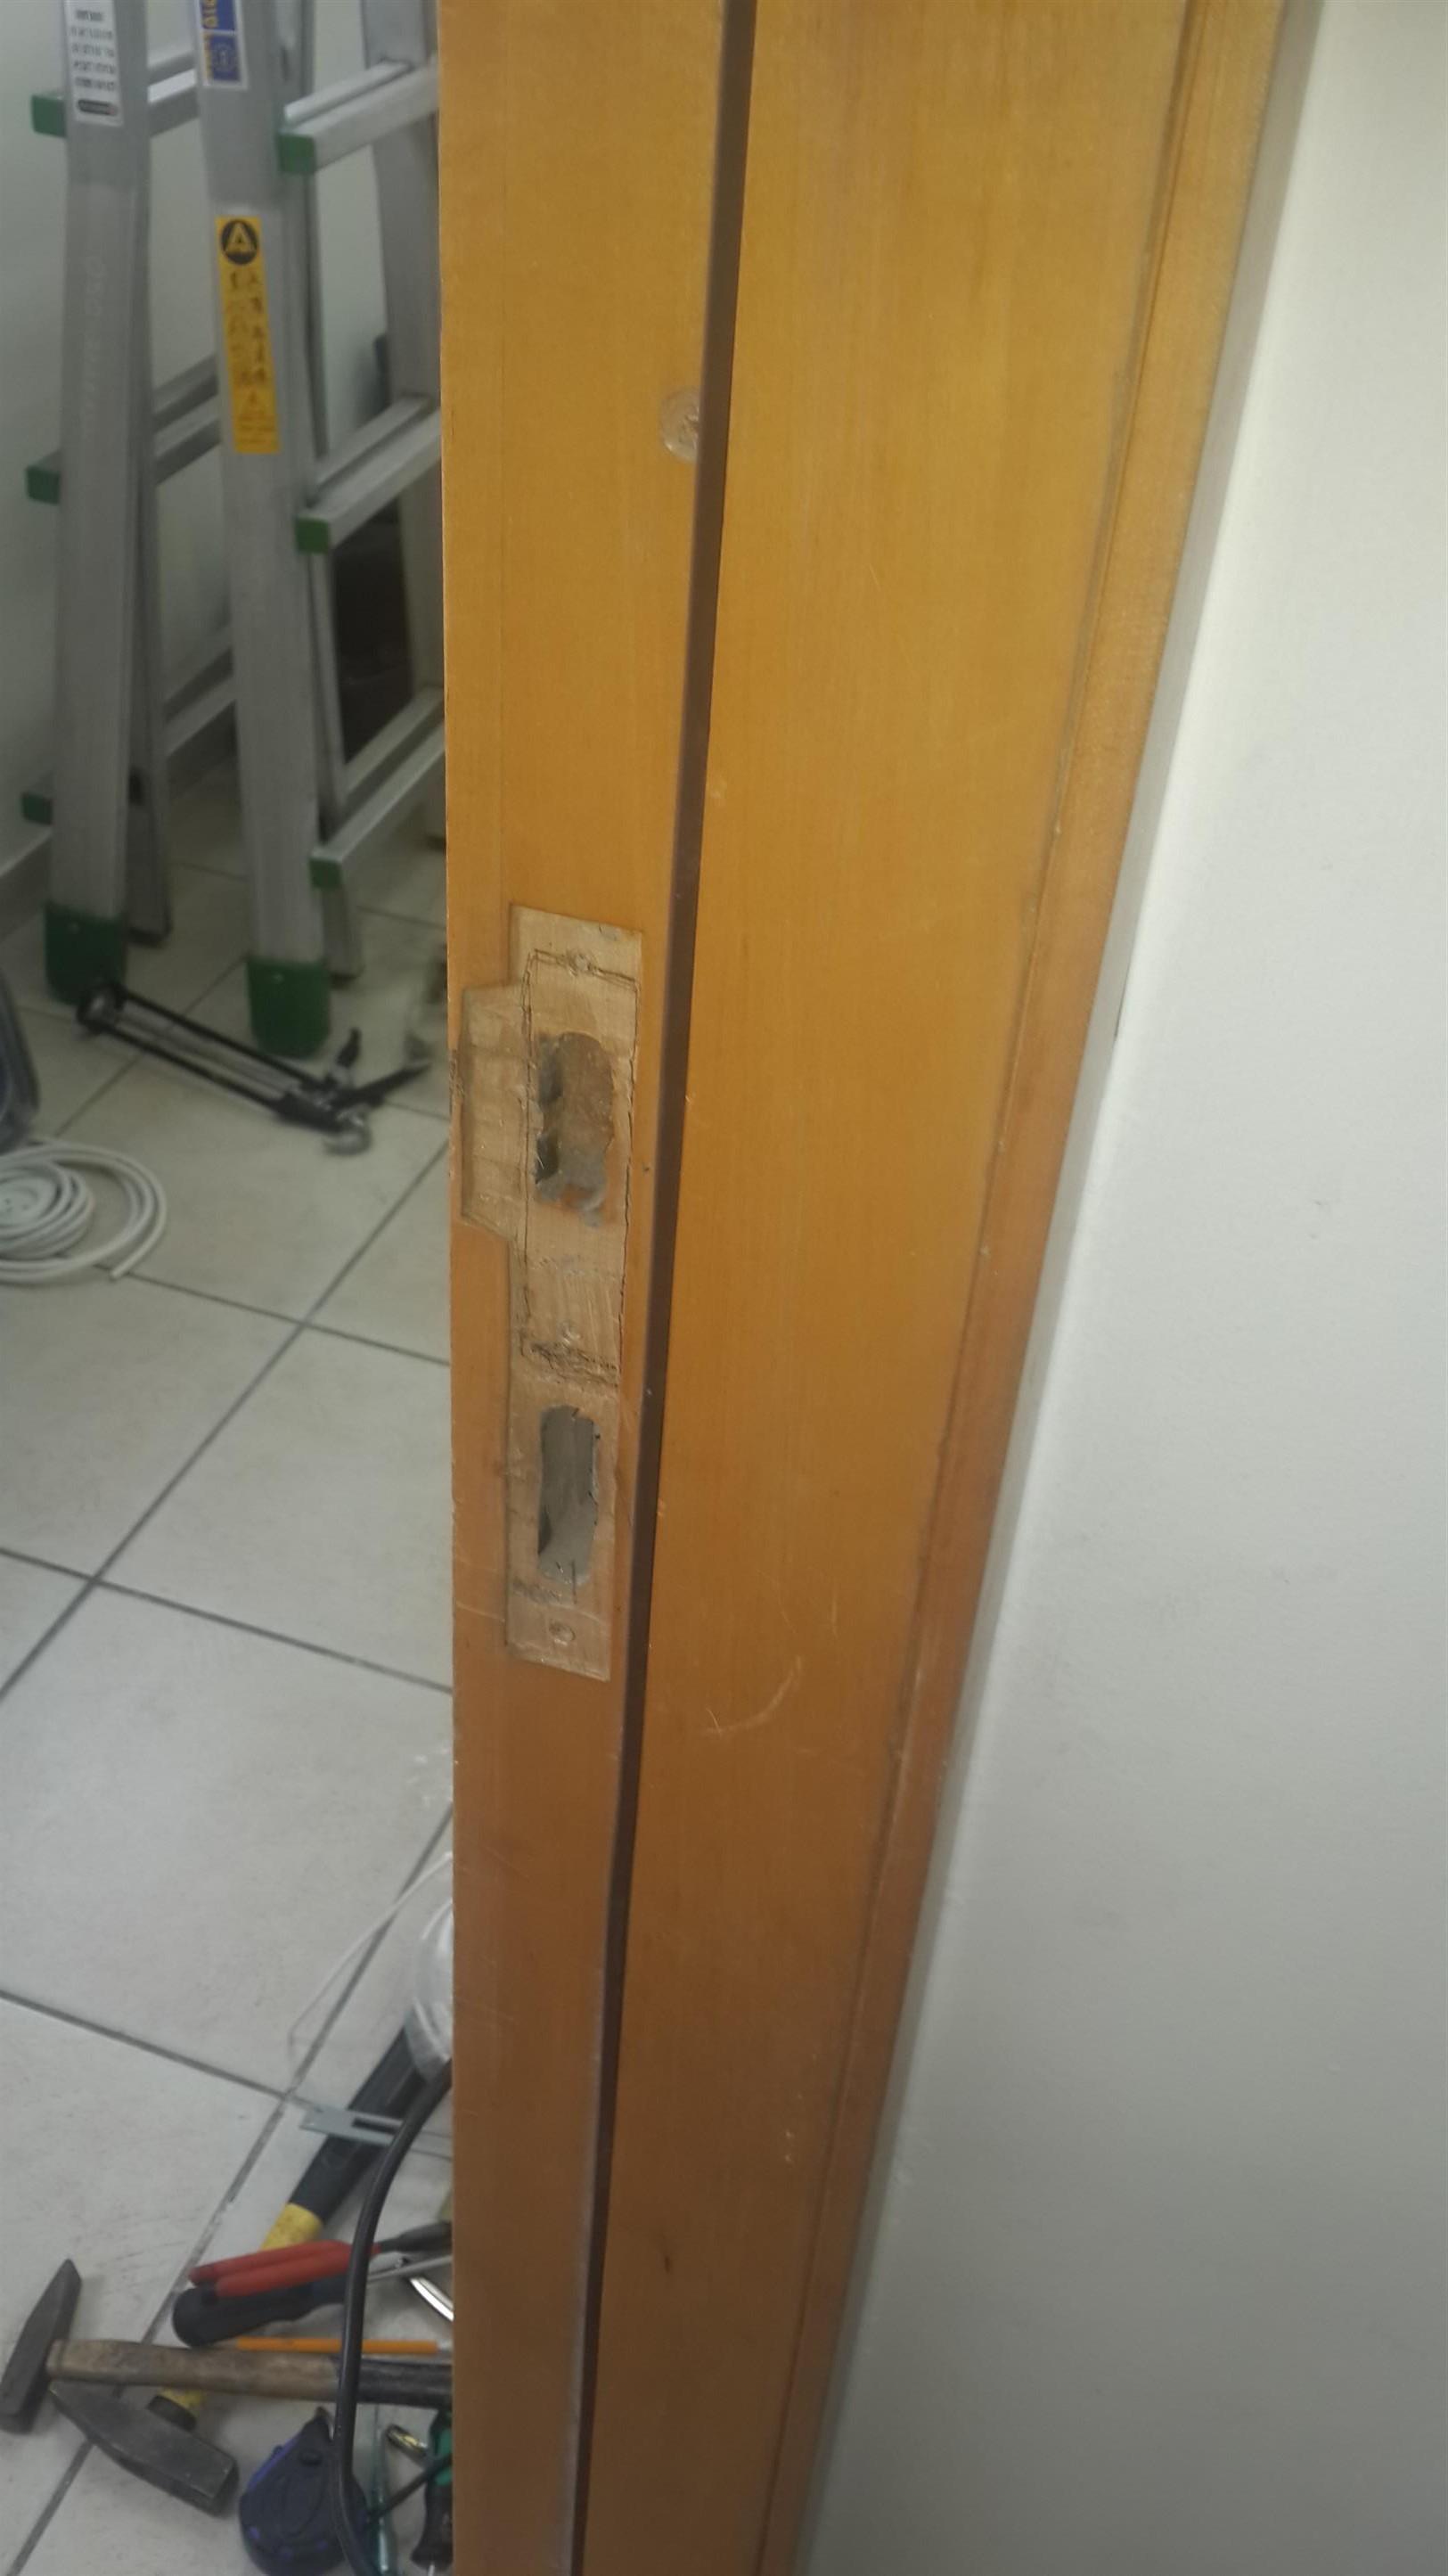 התקנת מנעול חשמלי - חציבה במשקוף עץ